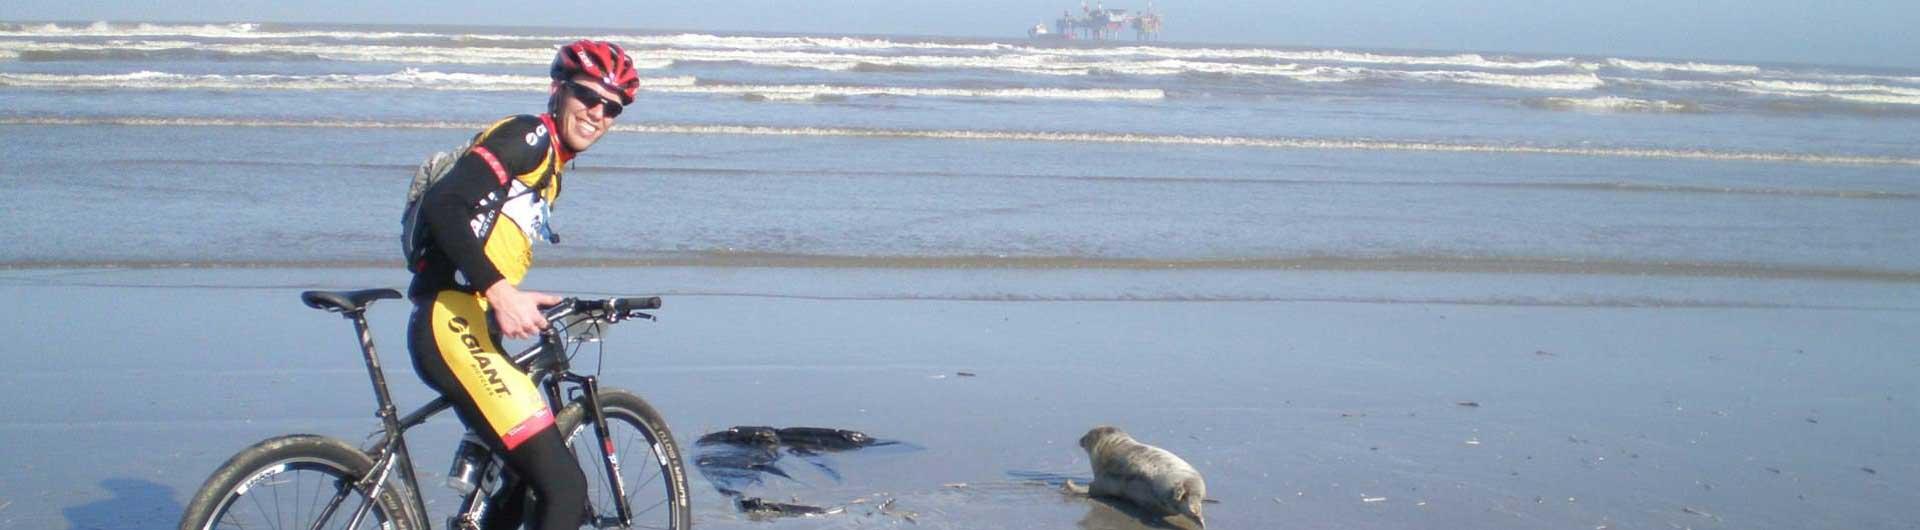 MTB Ameland beeldverslagen: MTB'er ontmoet een zeehond op het strand van Ameland tijdens de race